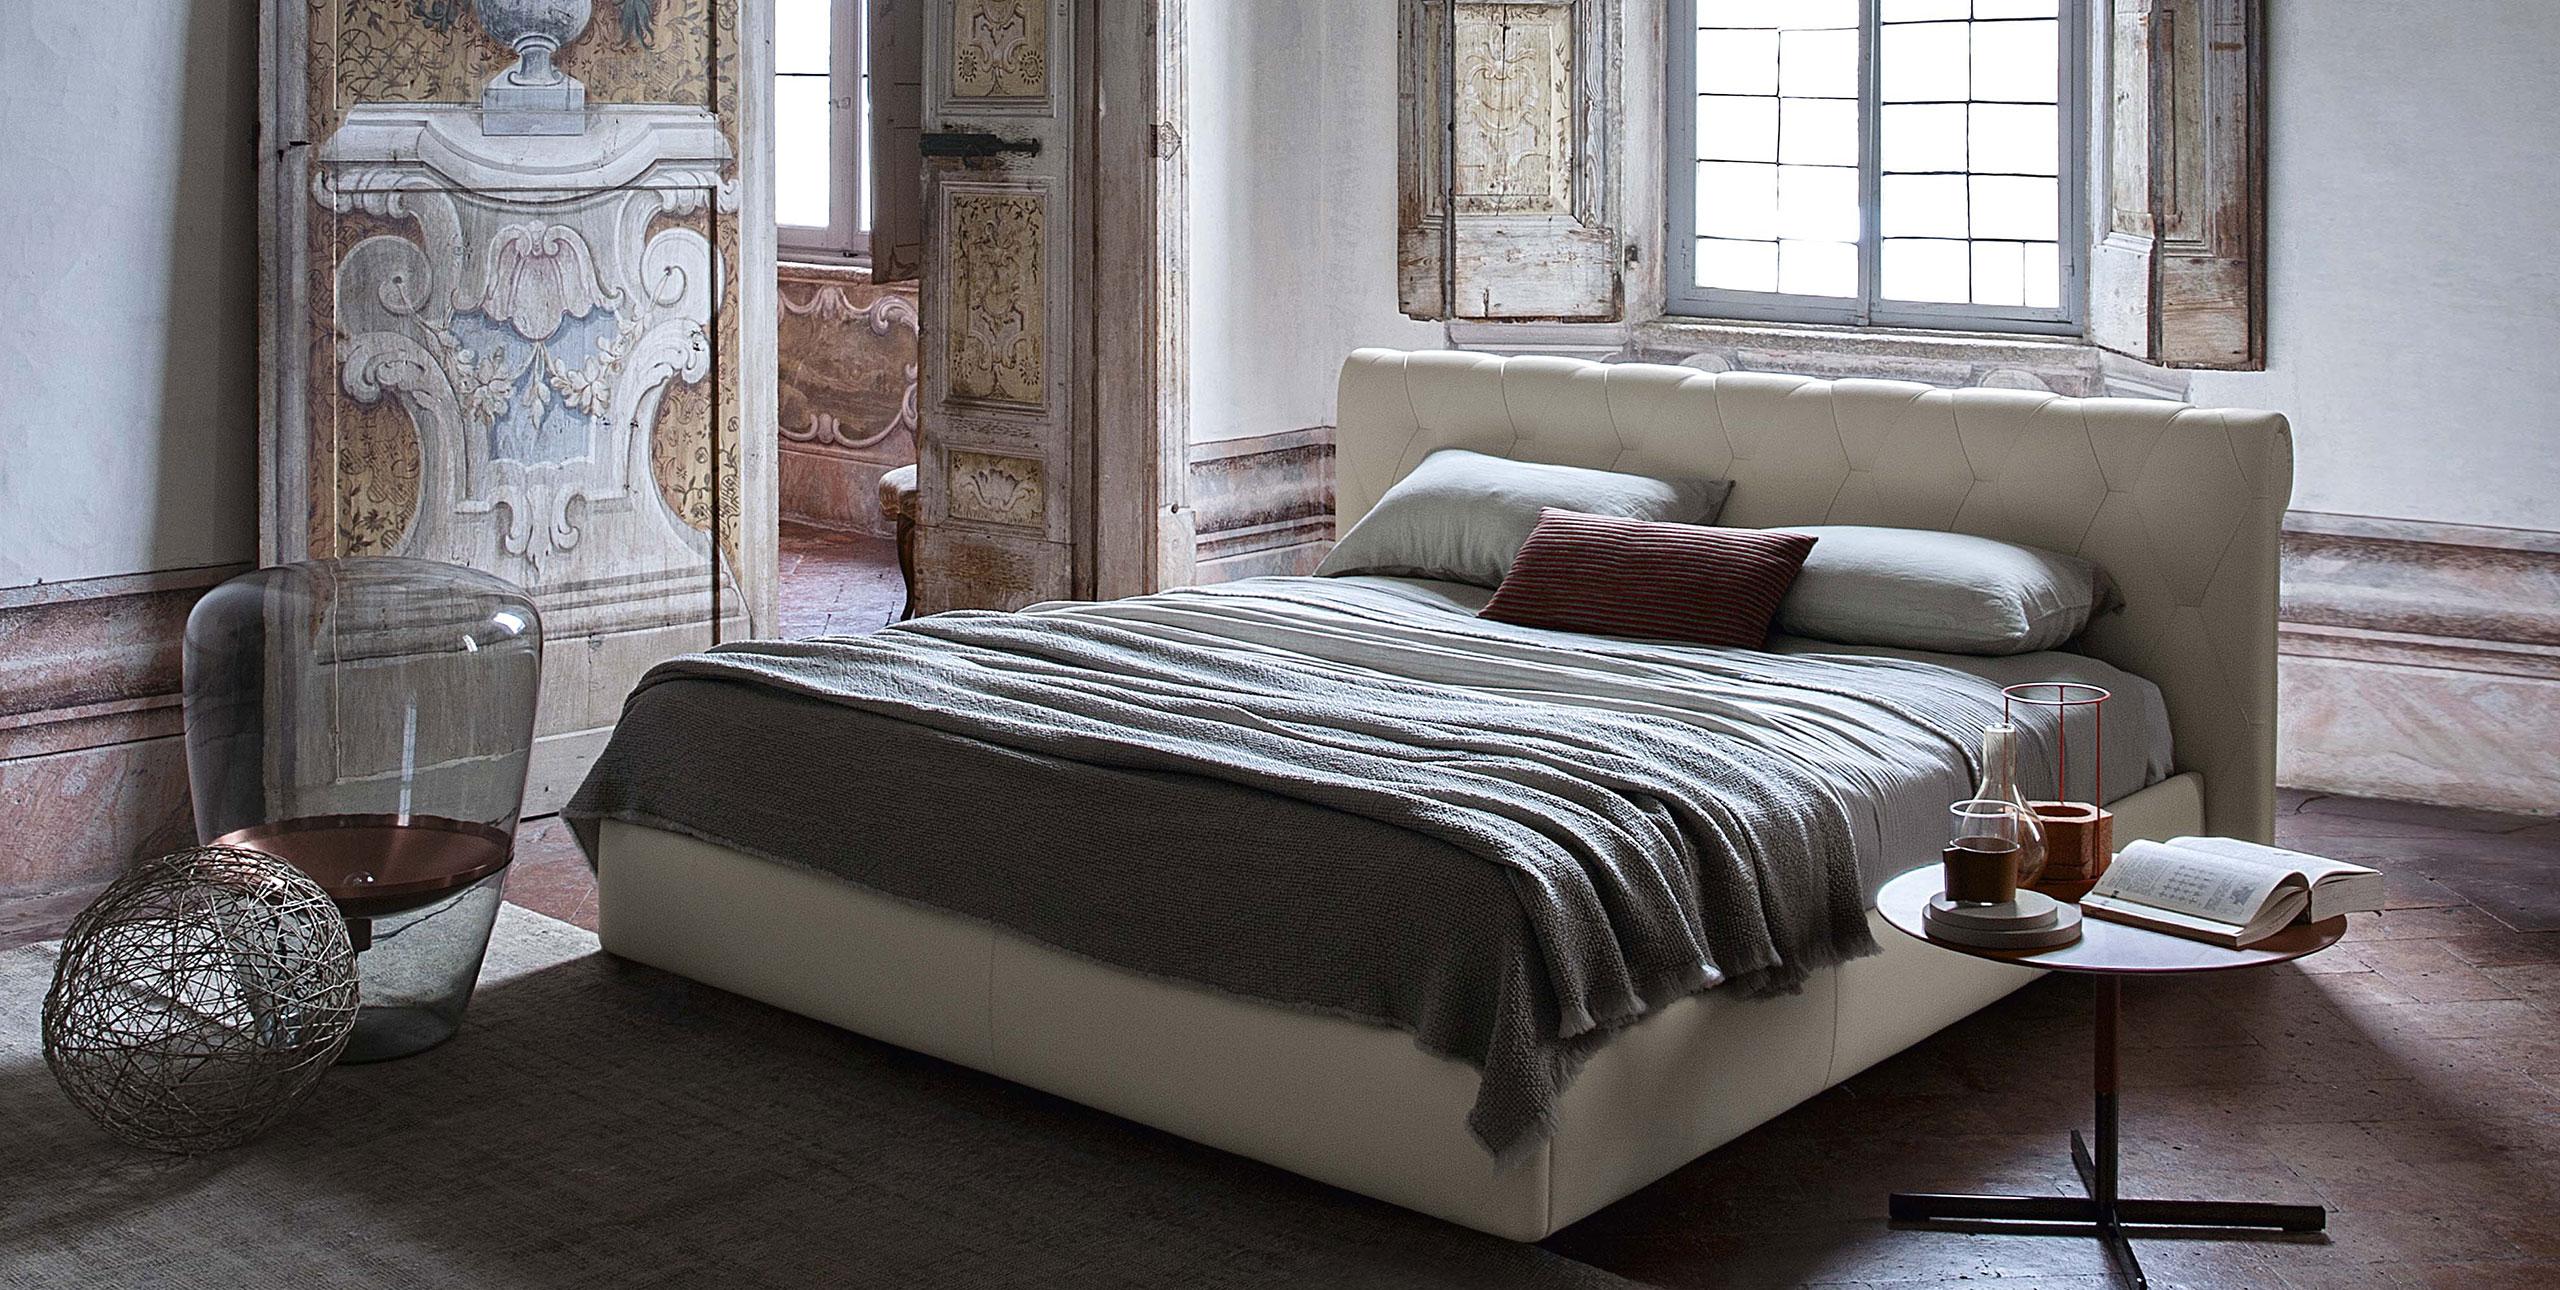 Letto bluemoon di poltrona frau design roberto lazzeroni arredamento design - Poltrona camera da letto ...